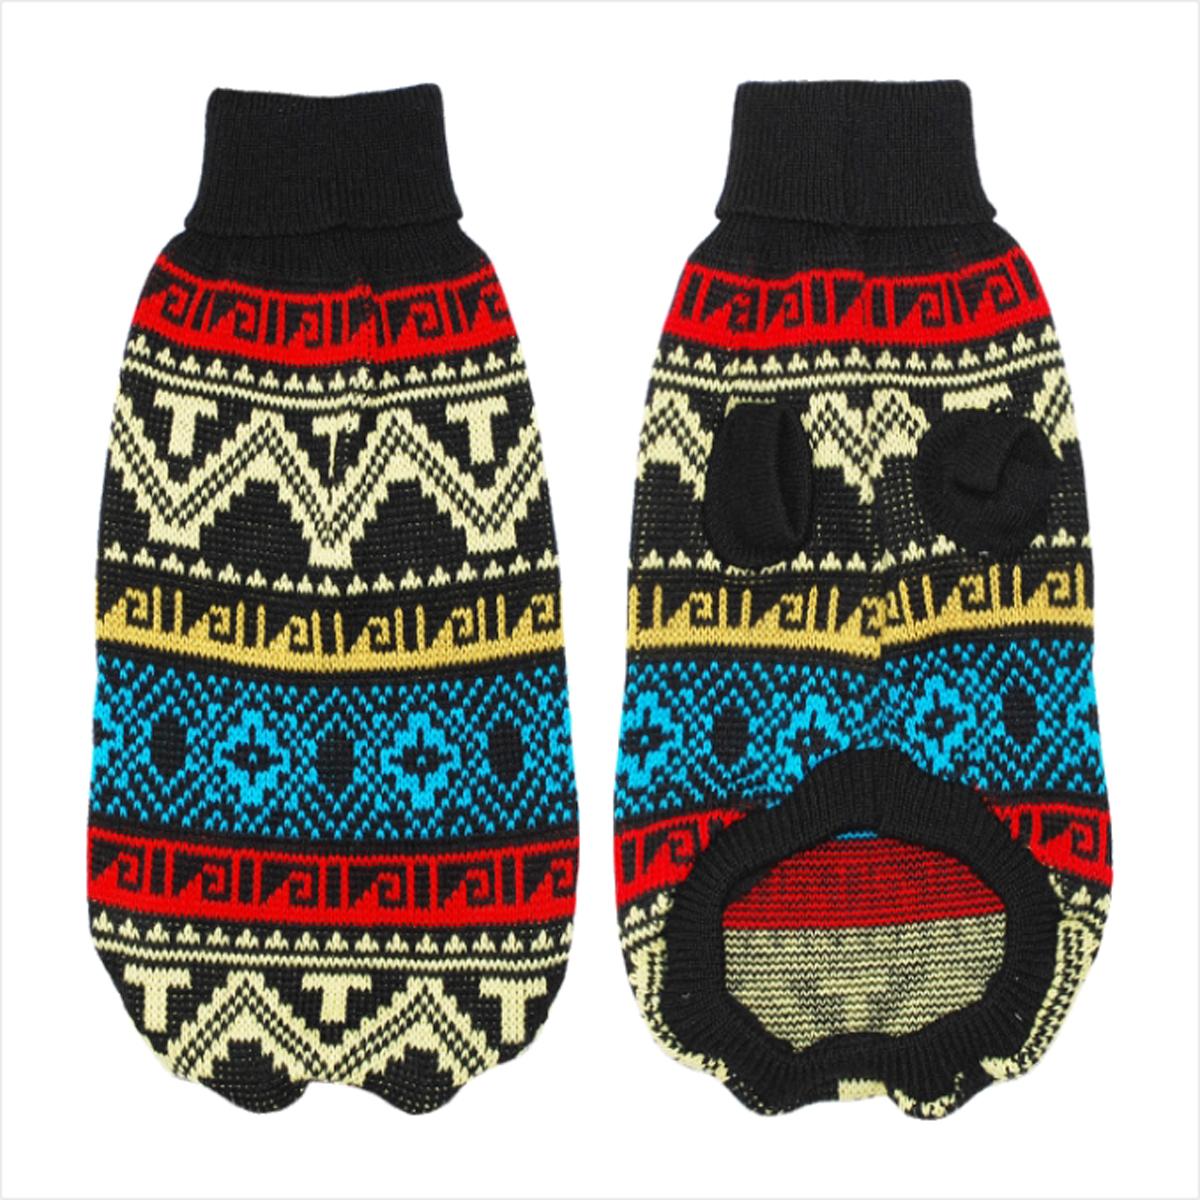 Свитер для собак Уют  Северный орнамент , унисекс, цвет: черный. НС12ХС. Размер XS - Одежда, обувь, украшения - Одежда